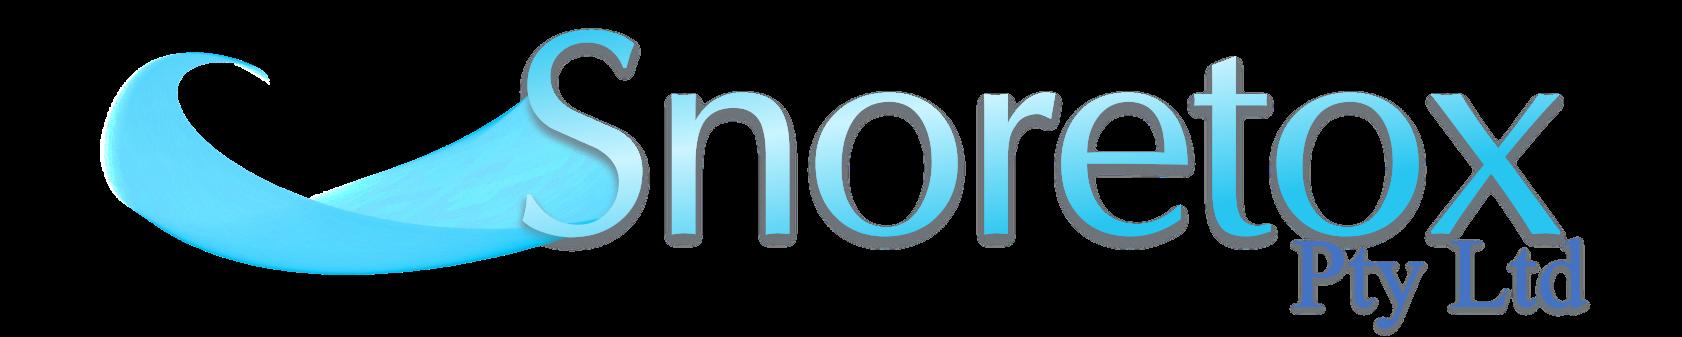 Snoretox